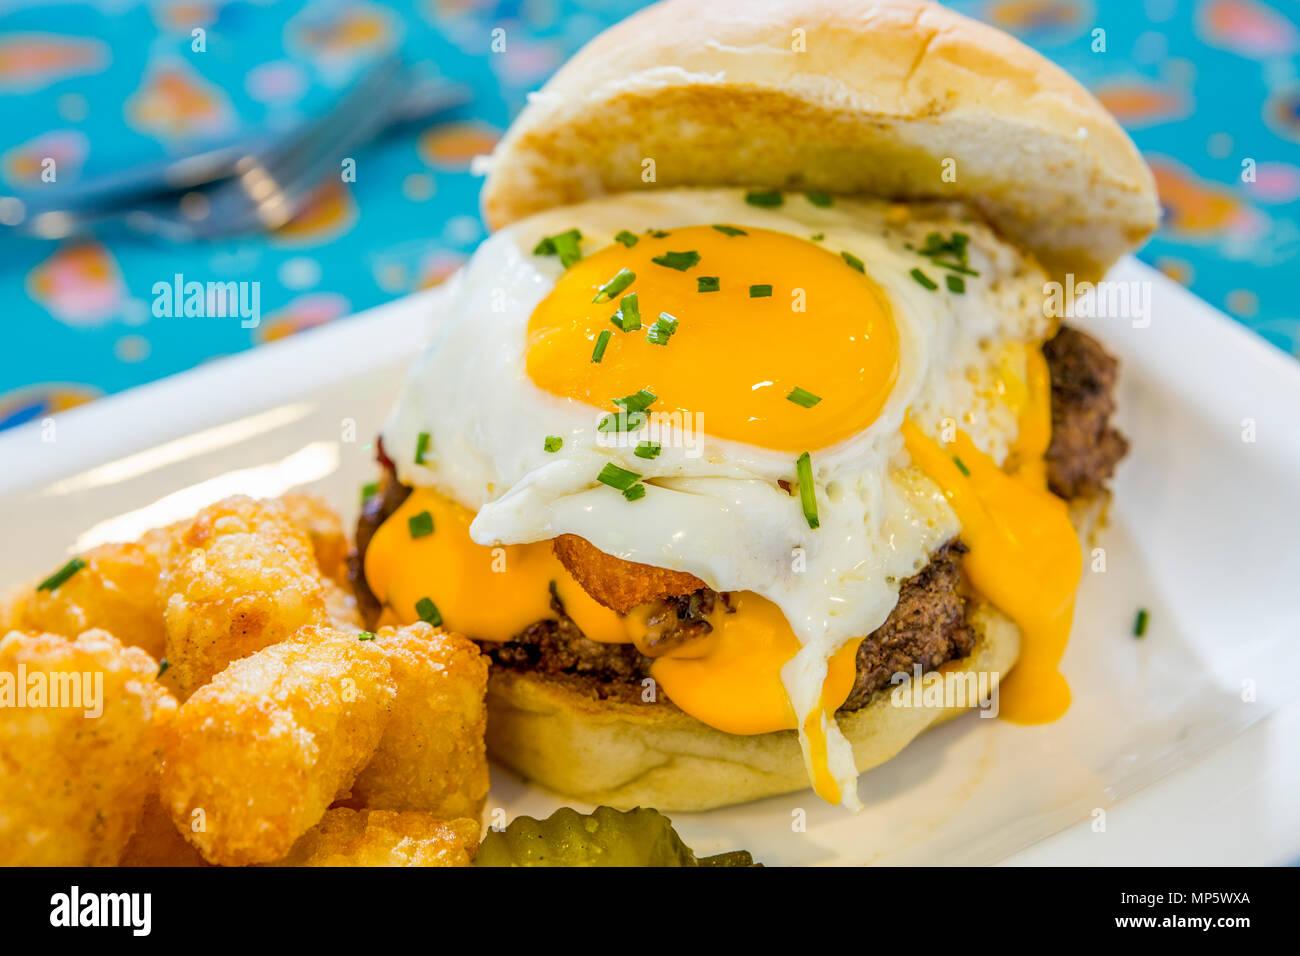 Dazed Breakafast Burger with egg close up - Stock Image